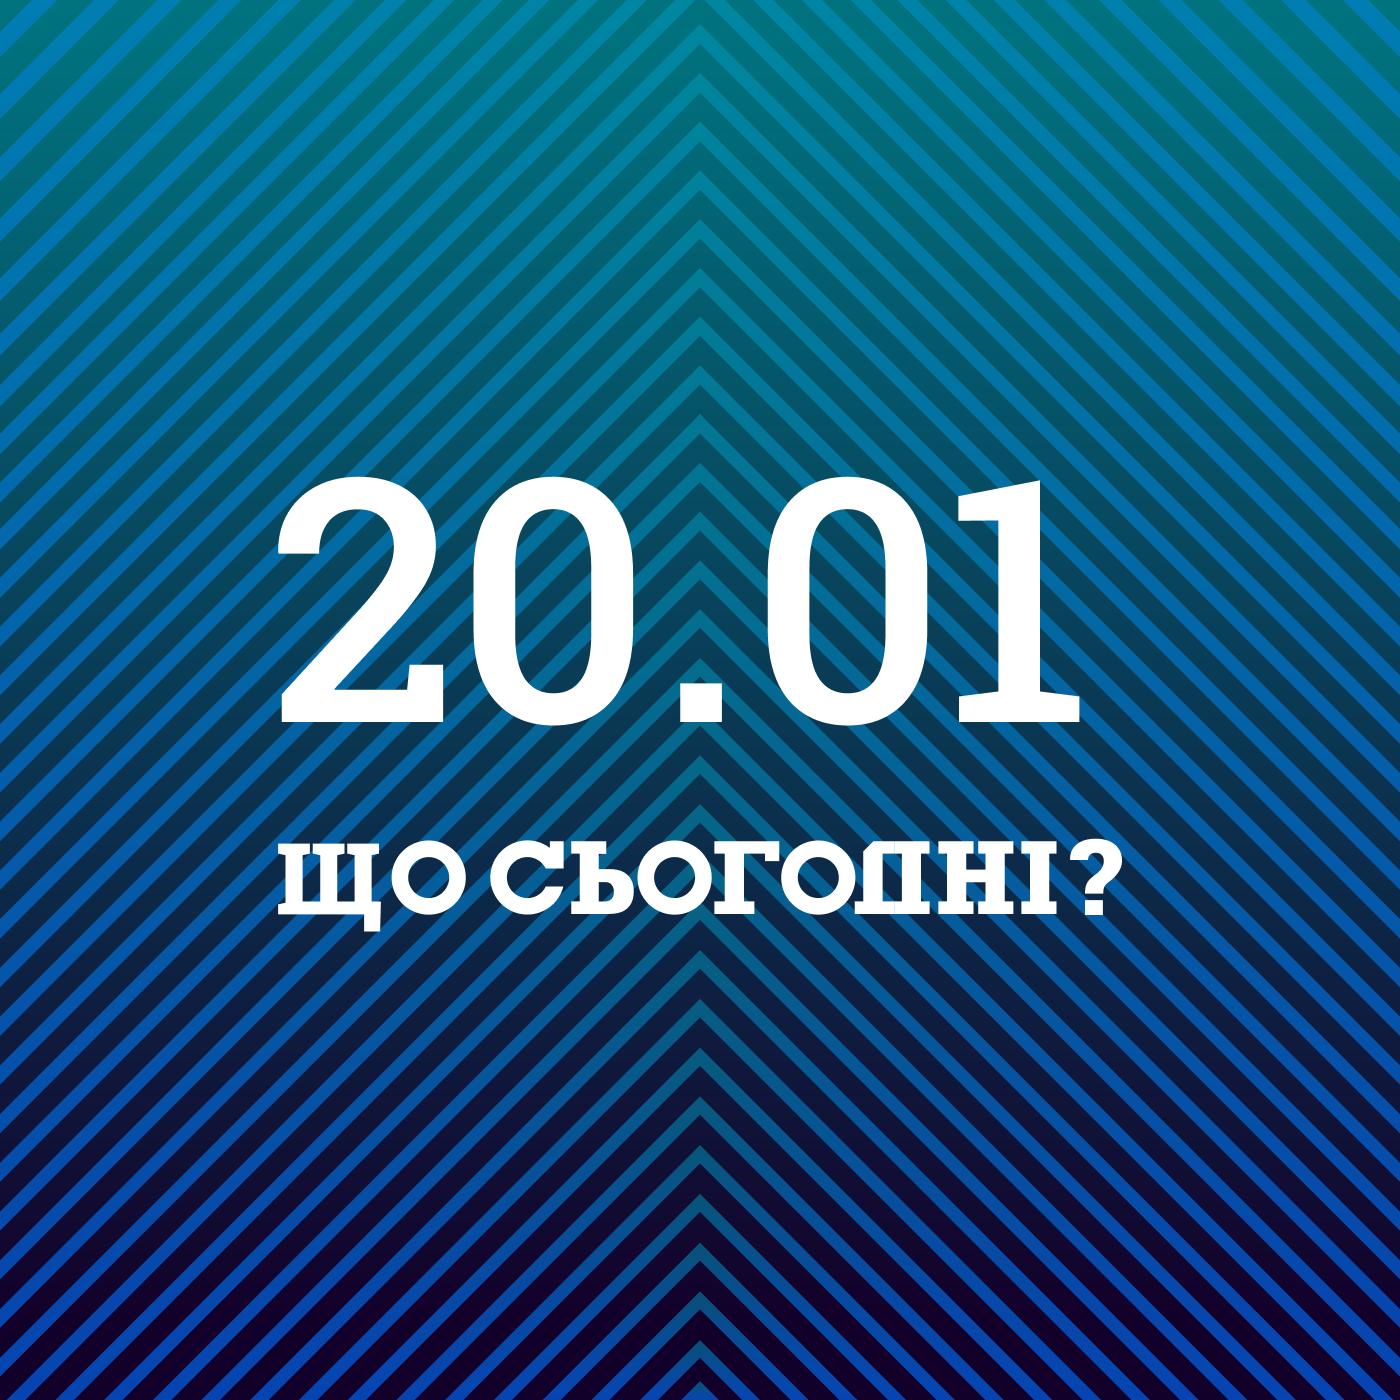 Що Сьогодні: Різке потепління, новий штам коронавірусу, заяви Байдена про Україну